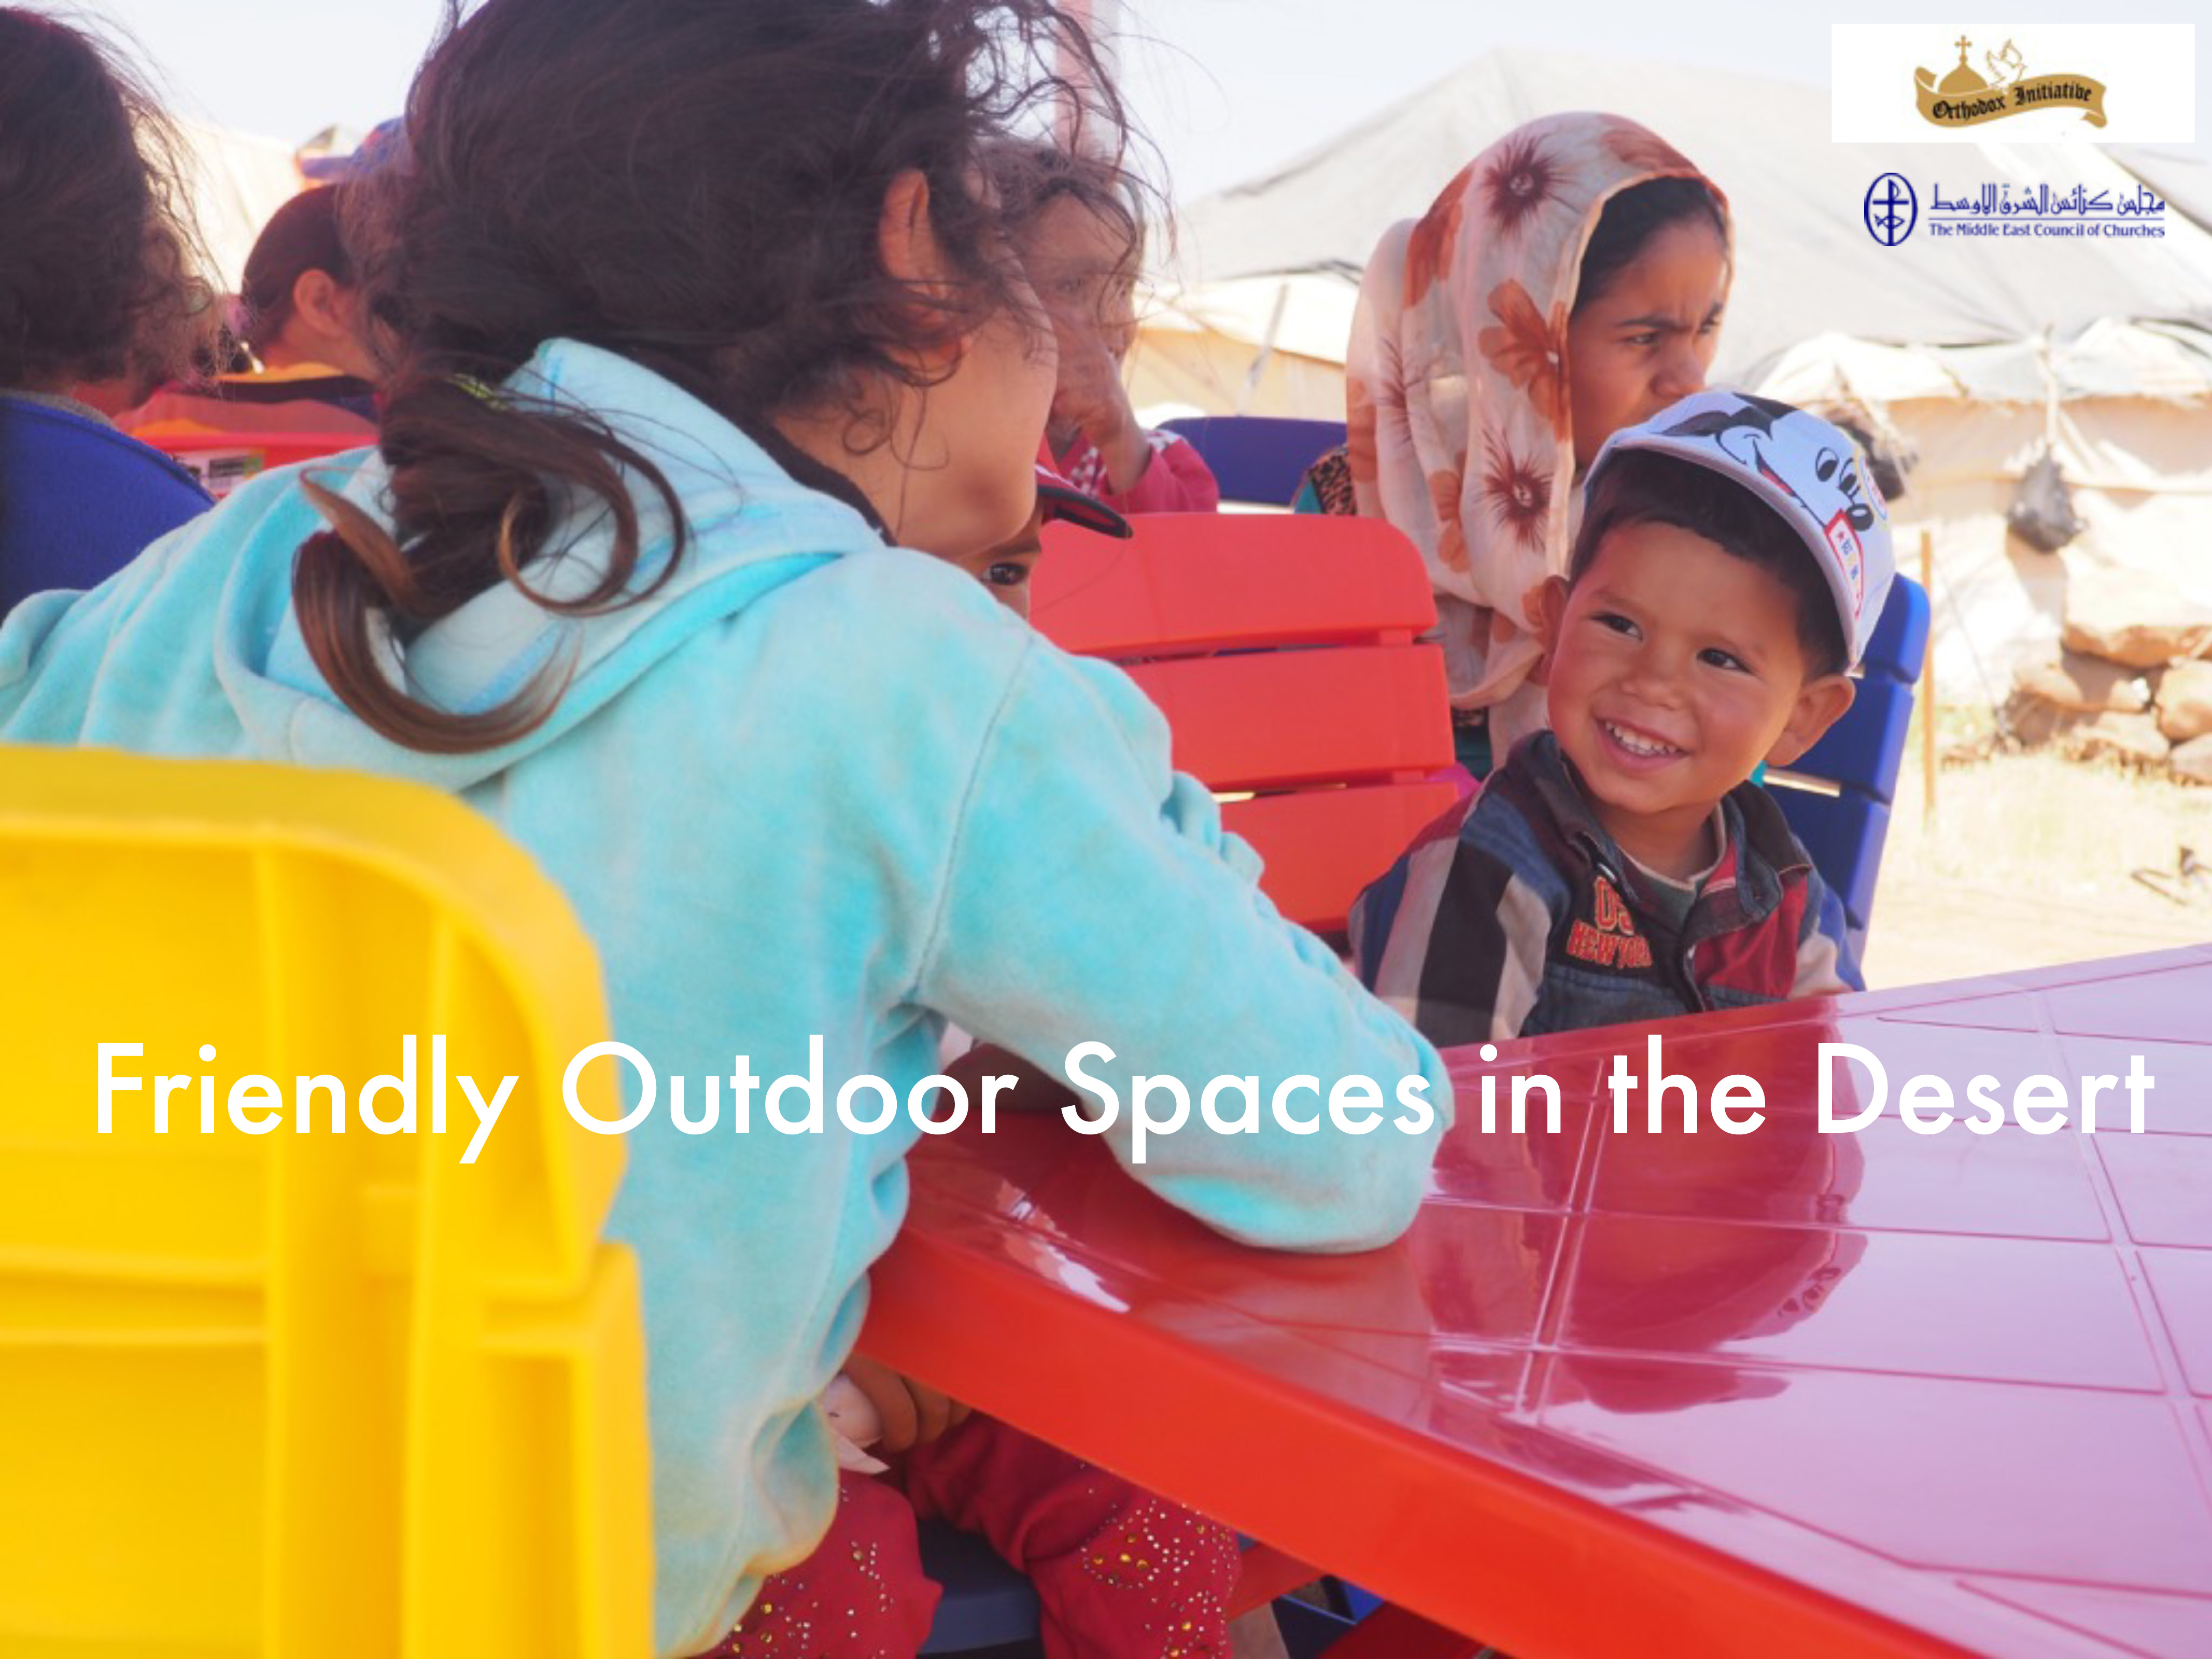 Friendly_spaces_in_the_desert-1.jpg